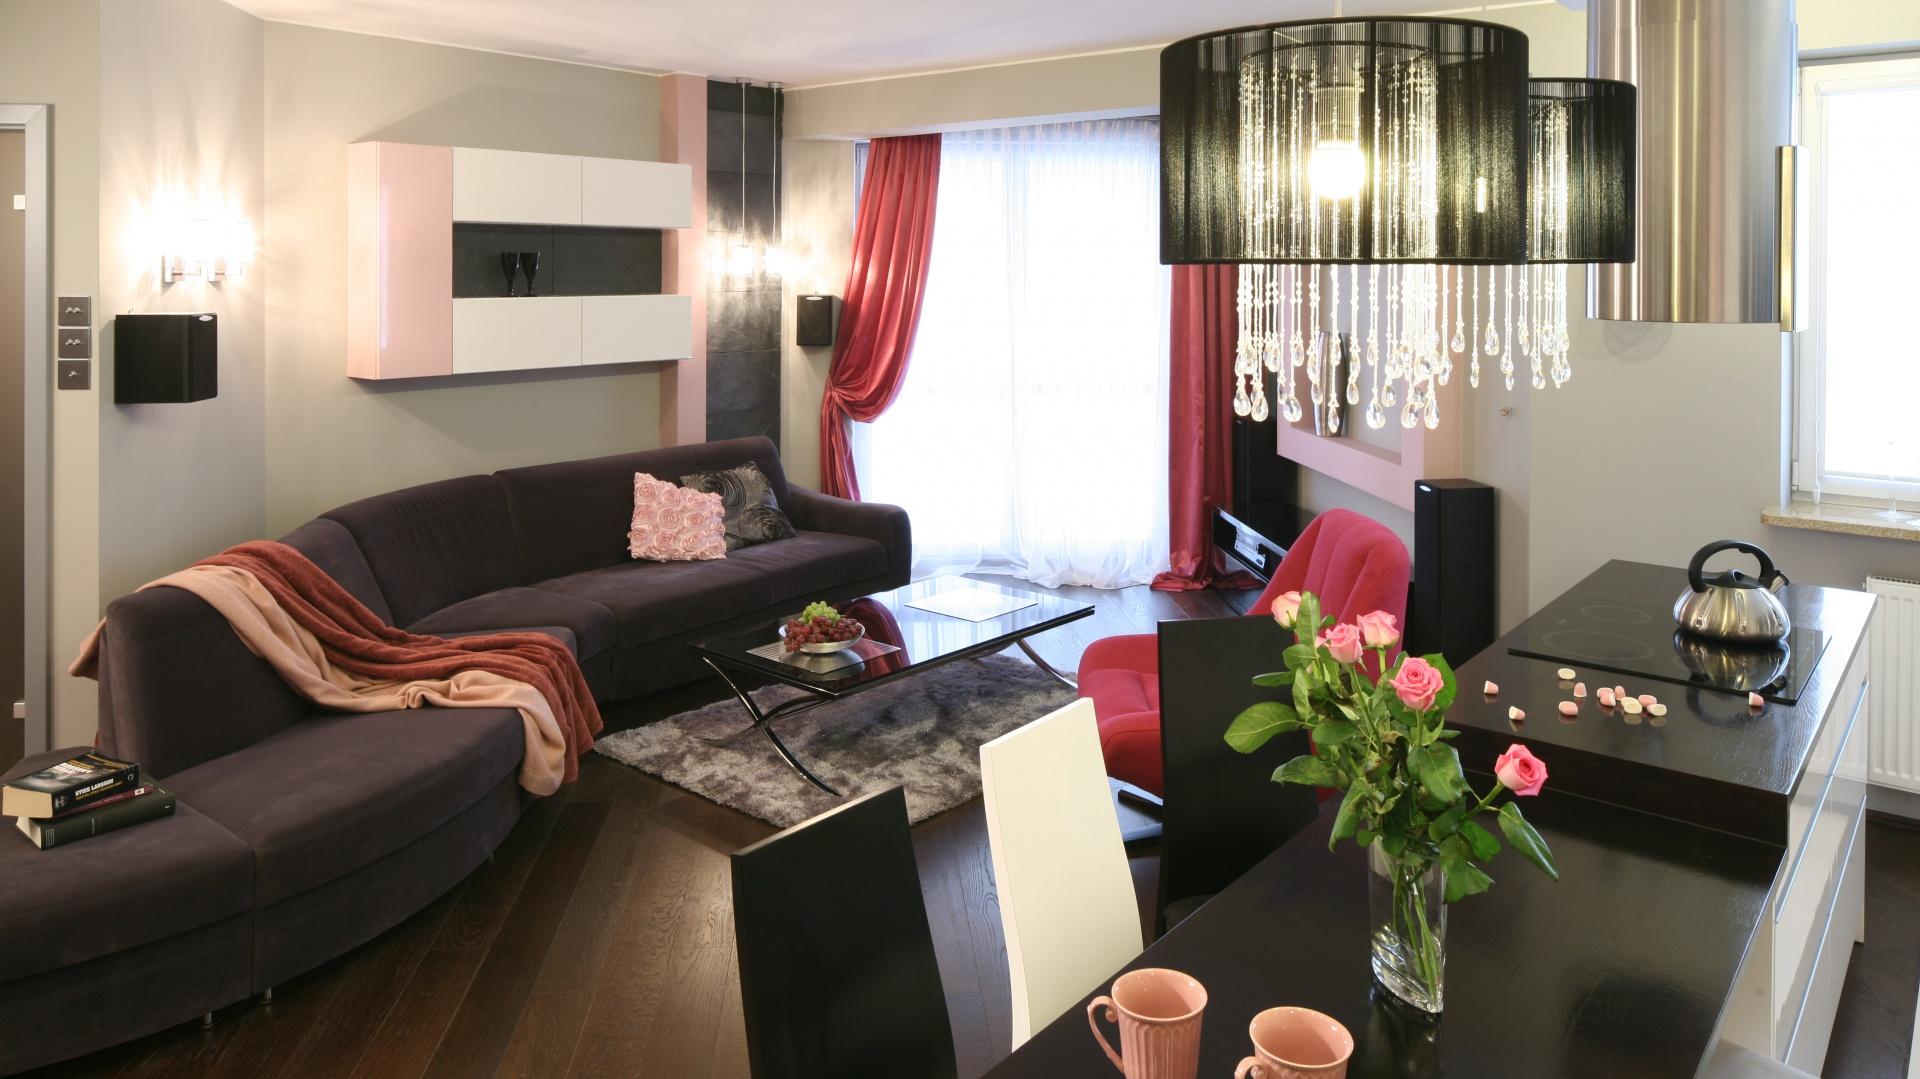 Na szczególną uwagę zasługuje śliwkowa kanapa o niestandardowym kształcie. Forma mebla pozwala do maksimum wykorzystać przestrzeń w salonie. Projekt: Marta Dąbrowska. Fot. Bartosz Jarosz.